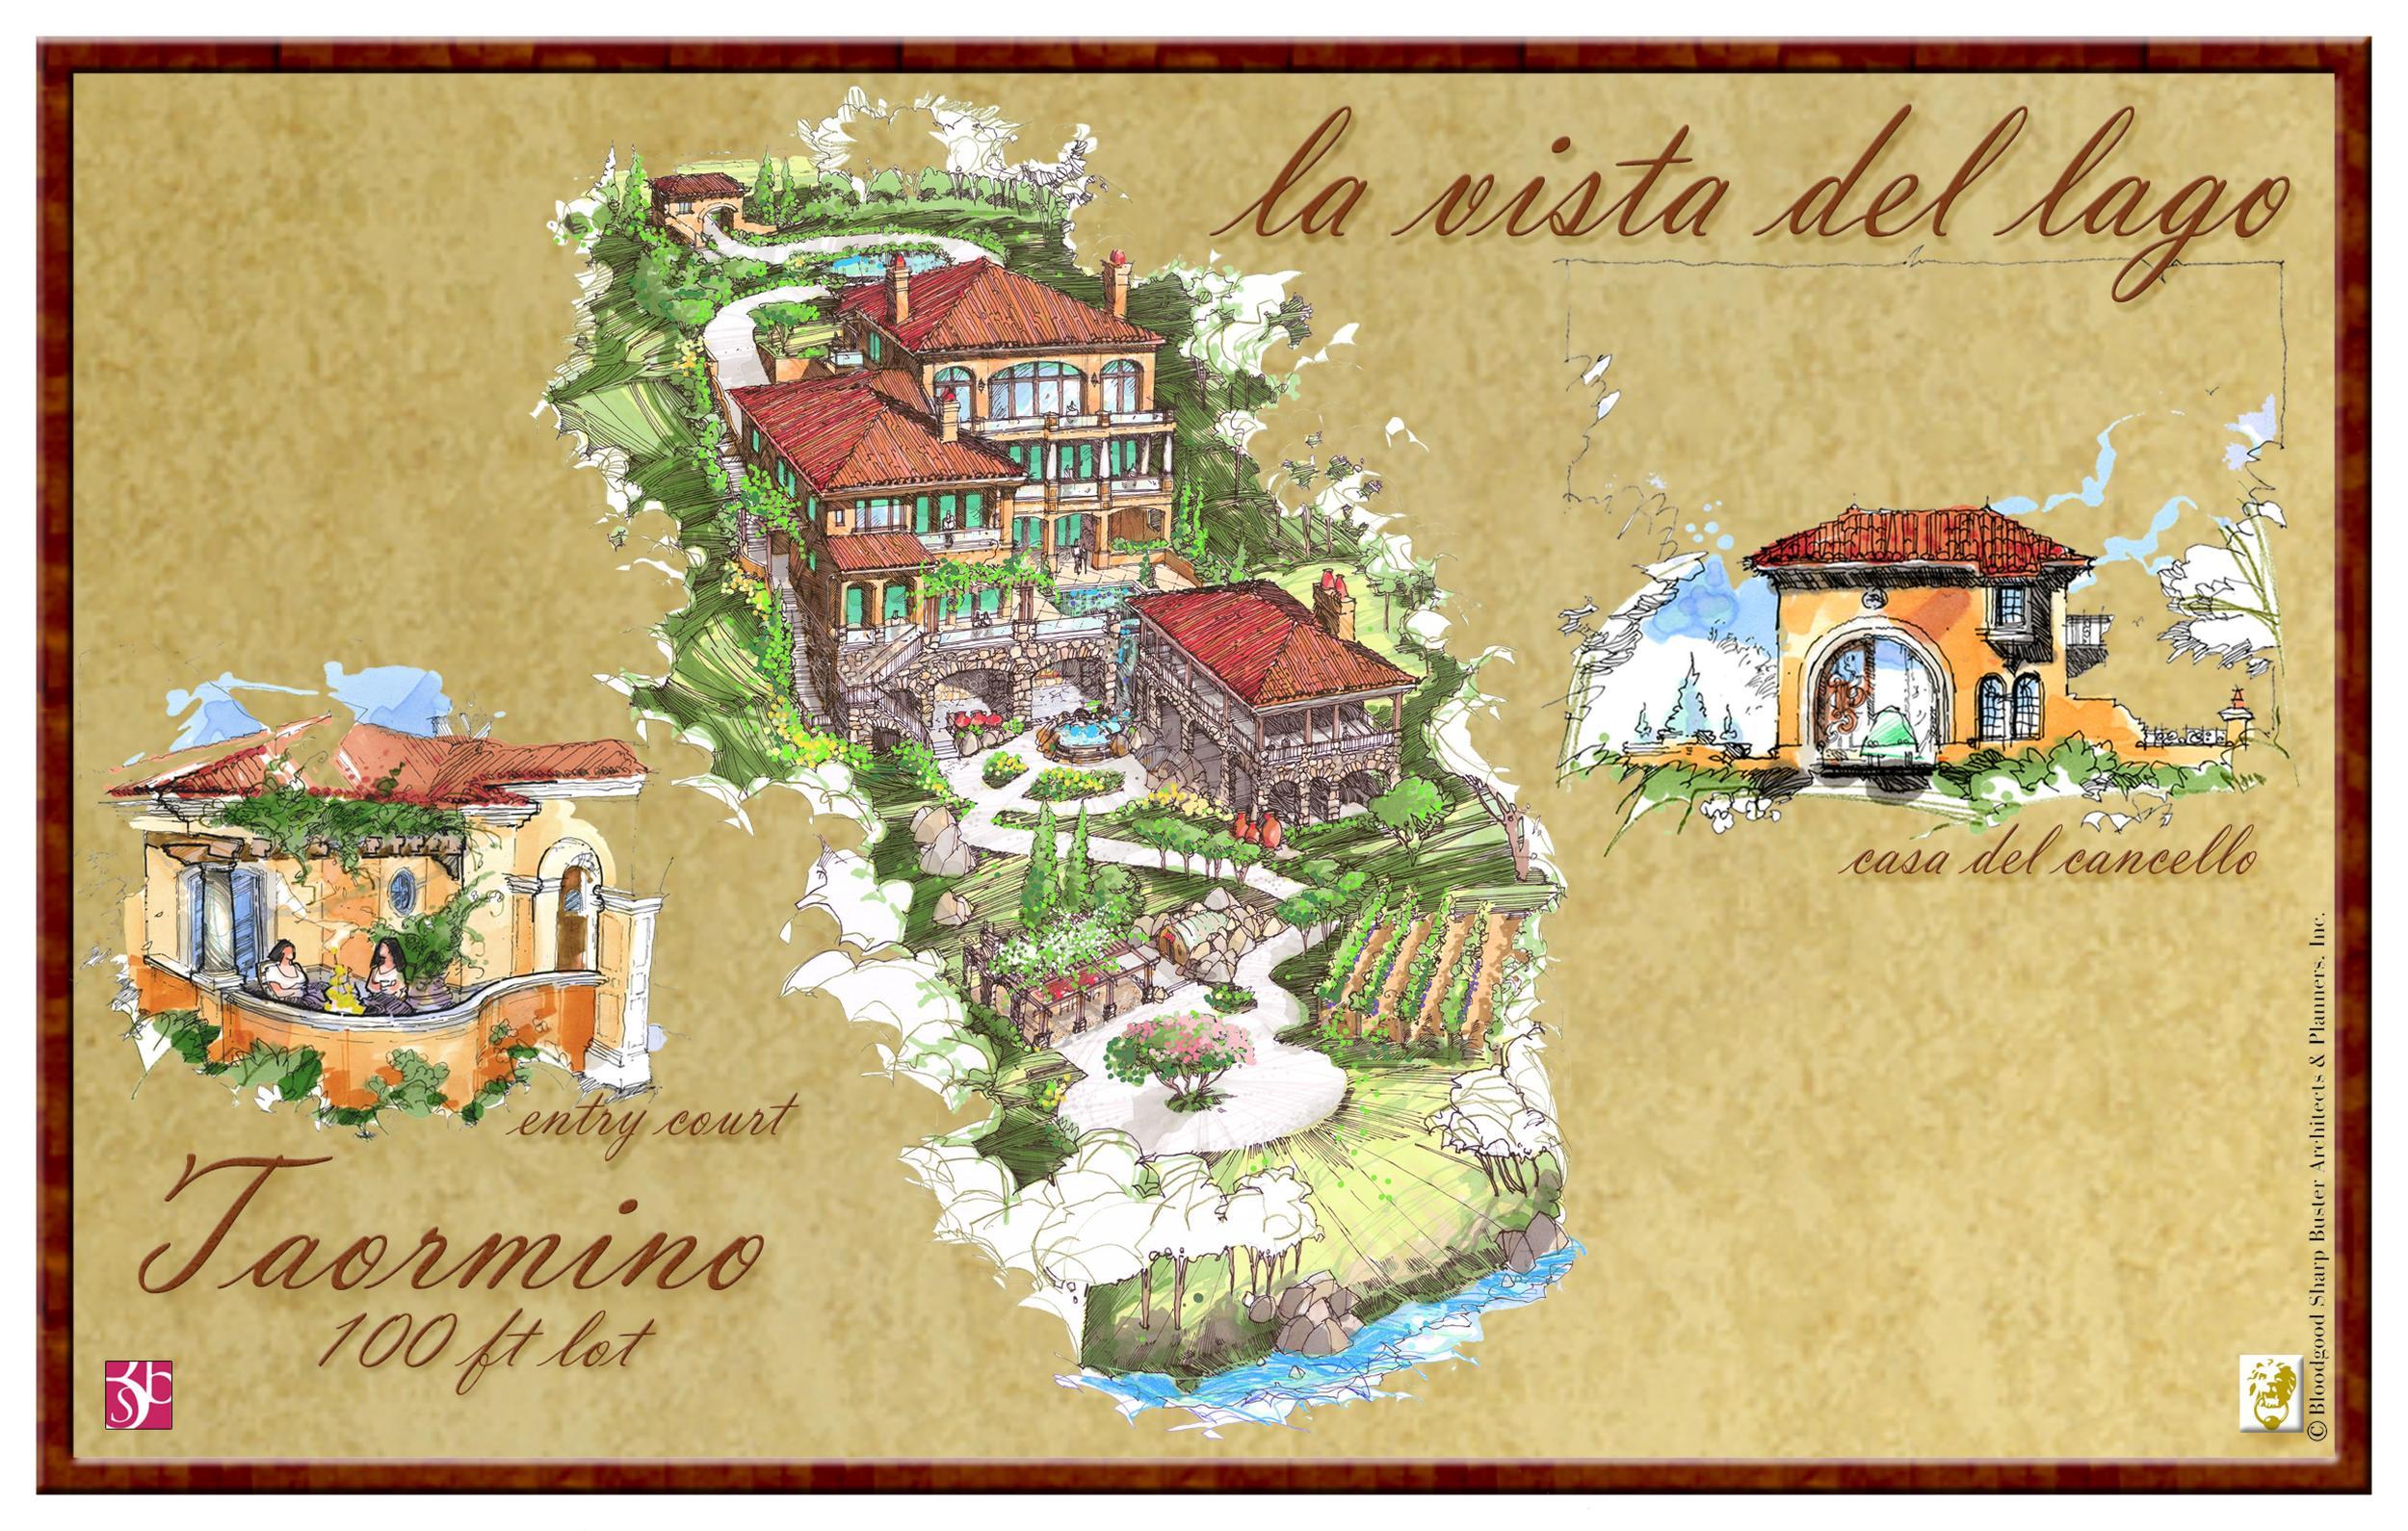 ZZZZ O25019,R.L.Vogel,Bella Colina 50,book lake view perspec-page-001.jpg